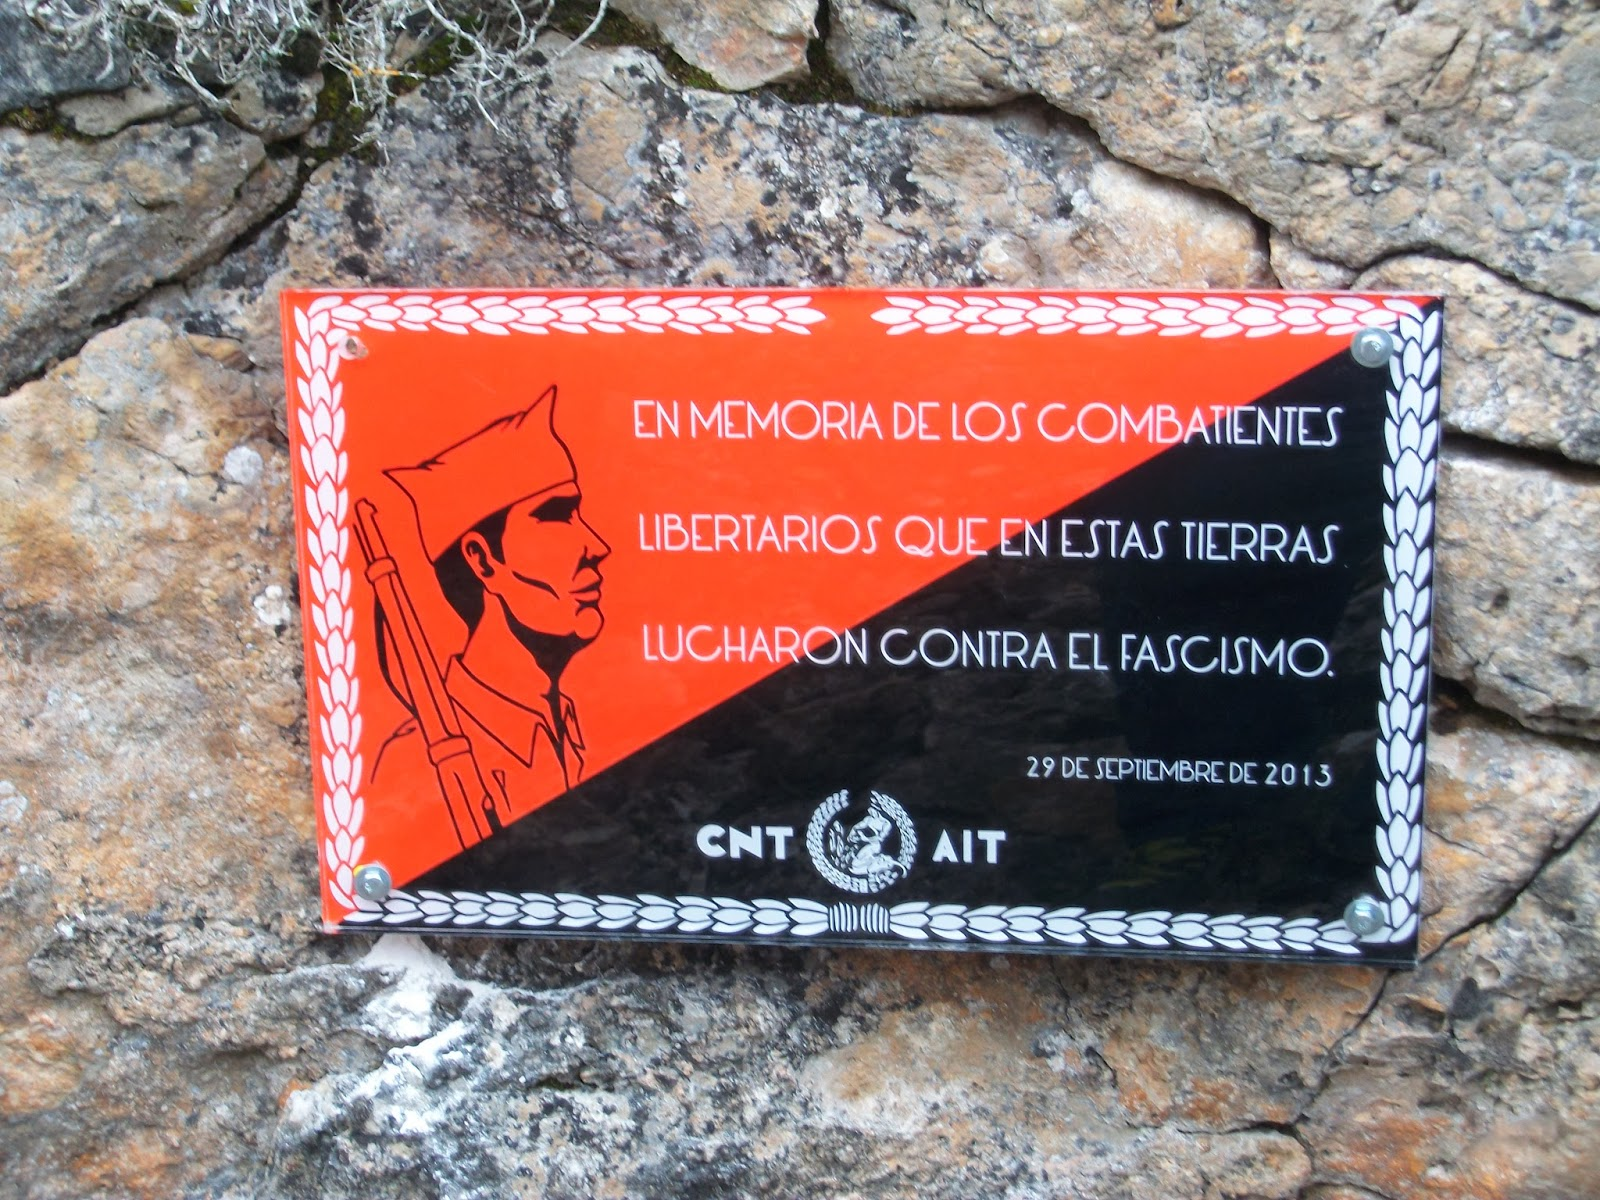 """https://www.facebook.com/pages/Anarquistas/378066755607147  Guadalajara: Crónica del homenaje a los compañeros anarcosindicalistas que combatieron en el frente del Alto Tajuña El sábado 25 de enero se celebró un homenaje a los compañeros anarcosindicalistas que combatieron en el frente del Alto Tajuña, en el nordeste de la provincia de Guadalajara. En torno a los pueblos de Abánades y Canredondo se situó desde las primeras semanas de la Guerra Civil un frente que permaneció tranquilo hasta que en los meses de febrero y marzo de 1938, después de la batalla de Teruel, el IV Cuerpo de Ejército que comandaba Cipriano Mera inició un ataque contra las posiciones rebeldes con el objetivo de aflojar la presión de las tropas franquistas que se aprestaban a avanzar hasta el Mediterráneo. Los combates en el Alto Tajuña han sido calificados como """"la batalla olvidada"""", porque han sido poco conocidos y estudiados hasta que, en fechas muy recientes, desde el ámbito universitario han comenzado las excavaciones y estudios de los numerosos restos que salpican el paisaje de la comarca. Esta batalla, en la que tuvieron un protagonismo indiscutible Cipriano Mera y los combatientes libertarios, se saldó con cientos de muertos, heridos y prisioneros, aunque apenas se alteró la línea del frente. Desde hace meses se estaba intentando colocar una placa en el pueblo de Abánades, donde existe un museo de la batalla y se desarrollan distintas actividades relacionadas con ella, pero ante la negativa de las autoridades, desde la CNT-AIT de Guadalajara se optó por colocarla en los restos de un observatorio militar que en aquellos días sirvió de puesto de mando a Cipriano Mera y que, aunque derruido, aún es fácilmente identificable. A pesar del día frío y desapacible y del abrupto camino desde la carretera hasta el otero de Canredondo, nos reunimos más de sesenta compañeros y amigos que pasamos juntos unas horas recordando la historia y rememorando a Cipriano Mera y al resto de los militantes anarq"""